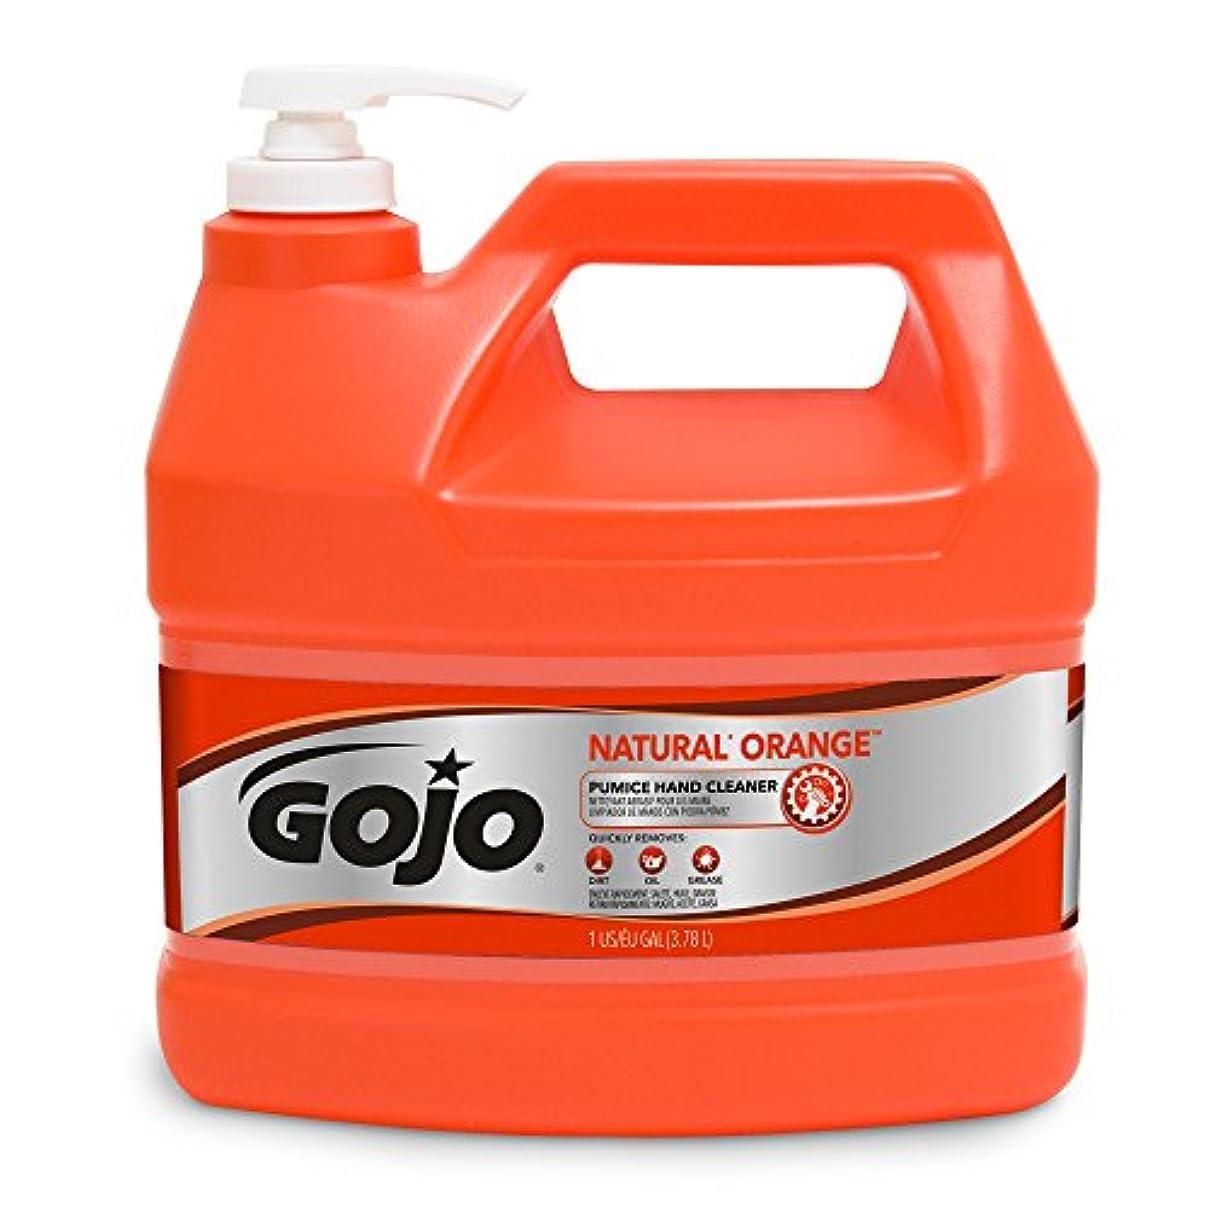 チャンバー不従順スピーカーGOJO Industries GOJ095504EA Hand Cleaner- Orange Pumice- w-Baby Oil- 1 Gal- Citrus